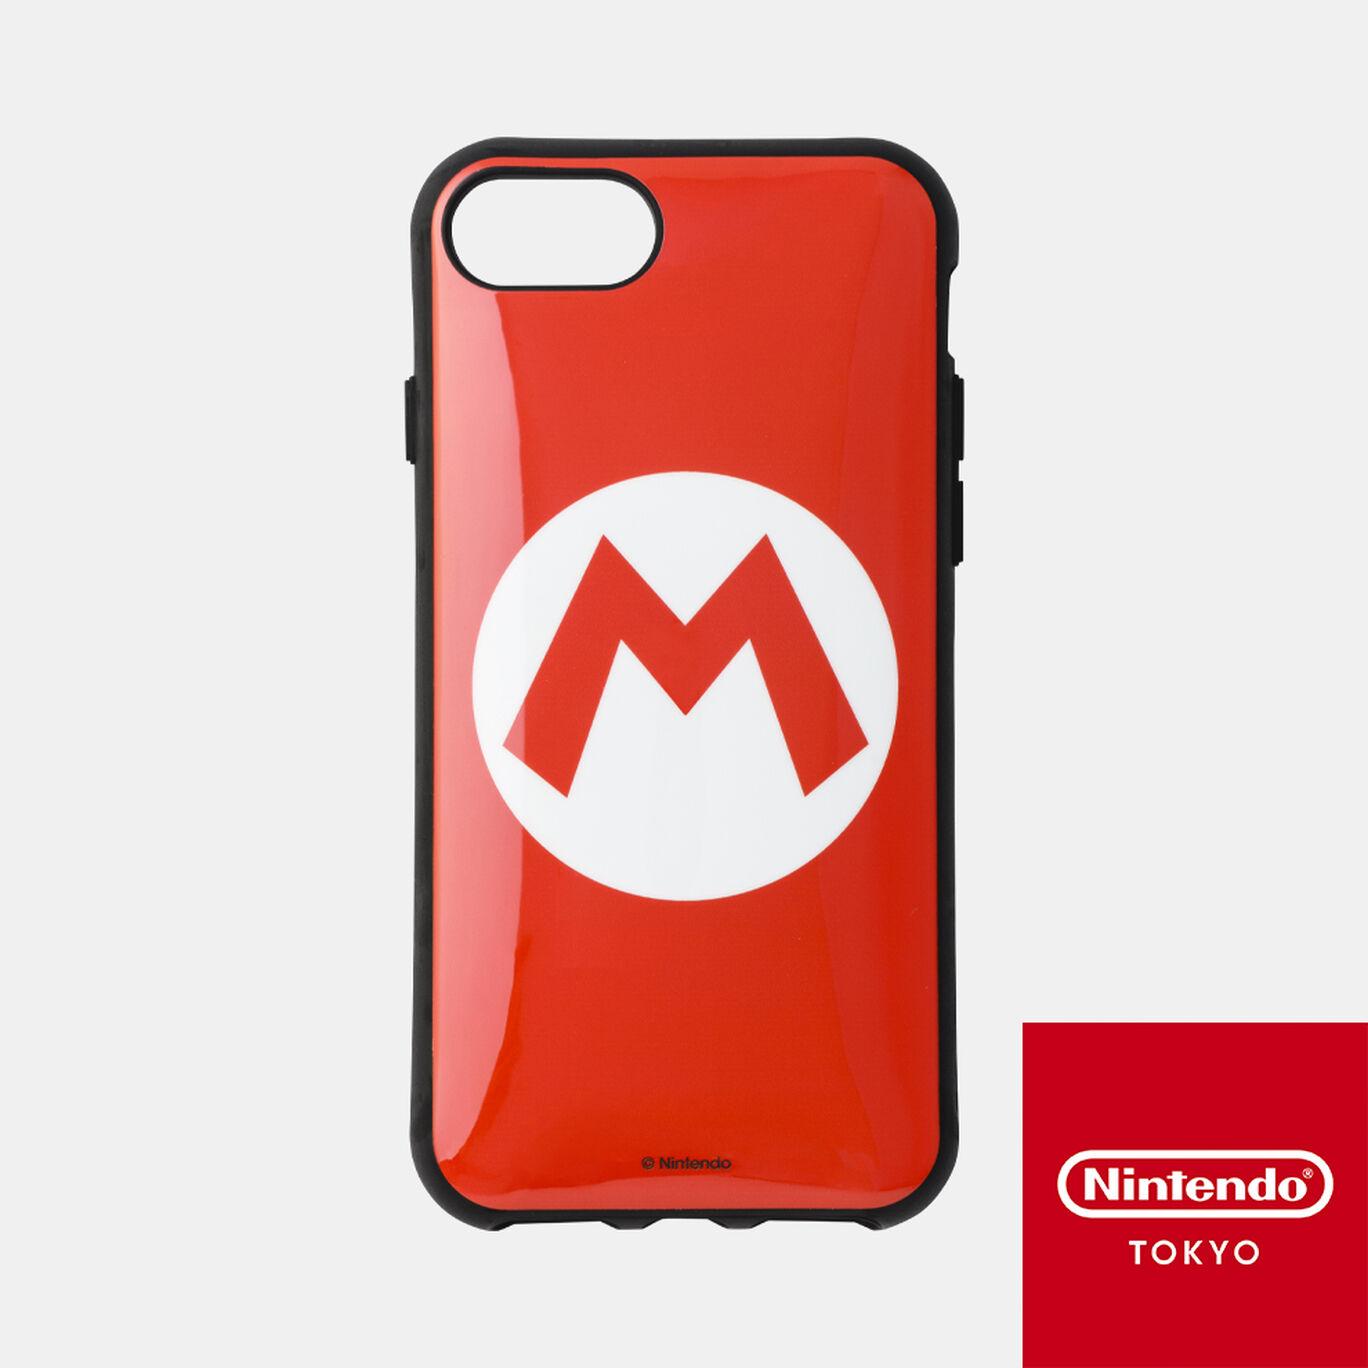 スマホカバーiPhone 8/7/6s/6 対応 スーパーマリオ A【Nintendo TOKYO取り扱い商品】